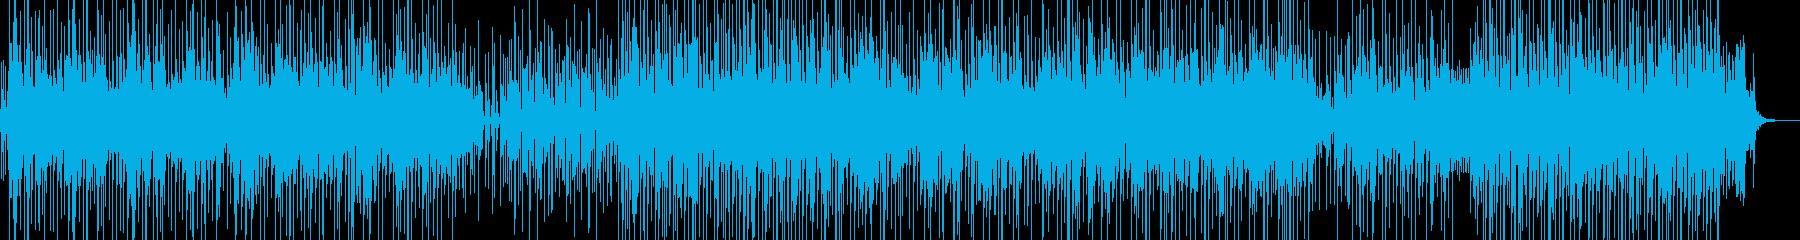 バカンスの雰囲気をイメージしたレゲェ Aの再生済みの波形